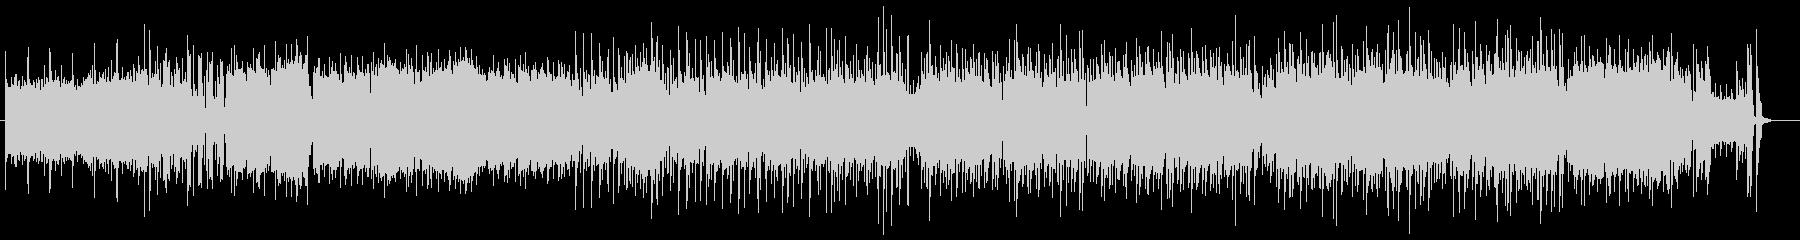 アニメのOP風のキャッチーな曲 レトロ風の未再生の波形